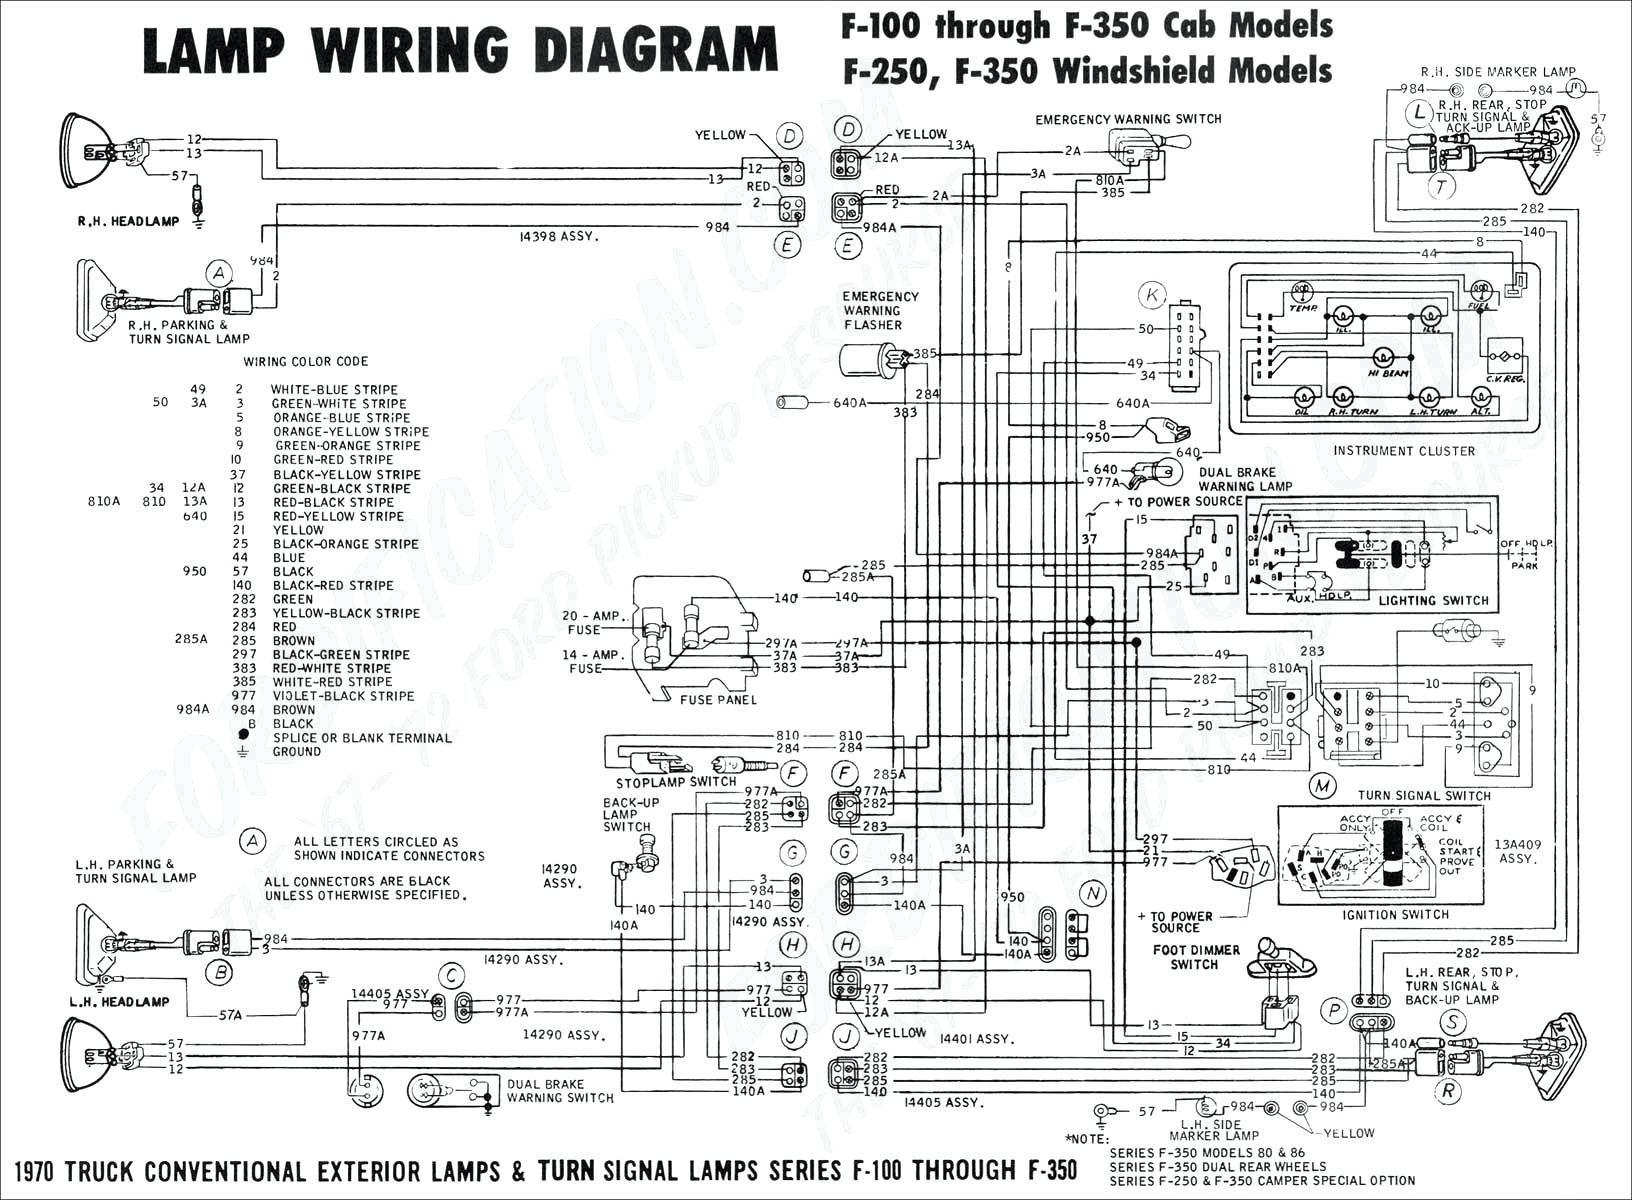 1999 Ford Contour Engine Diagram